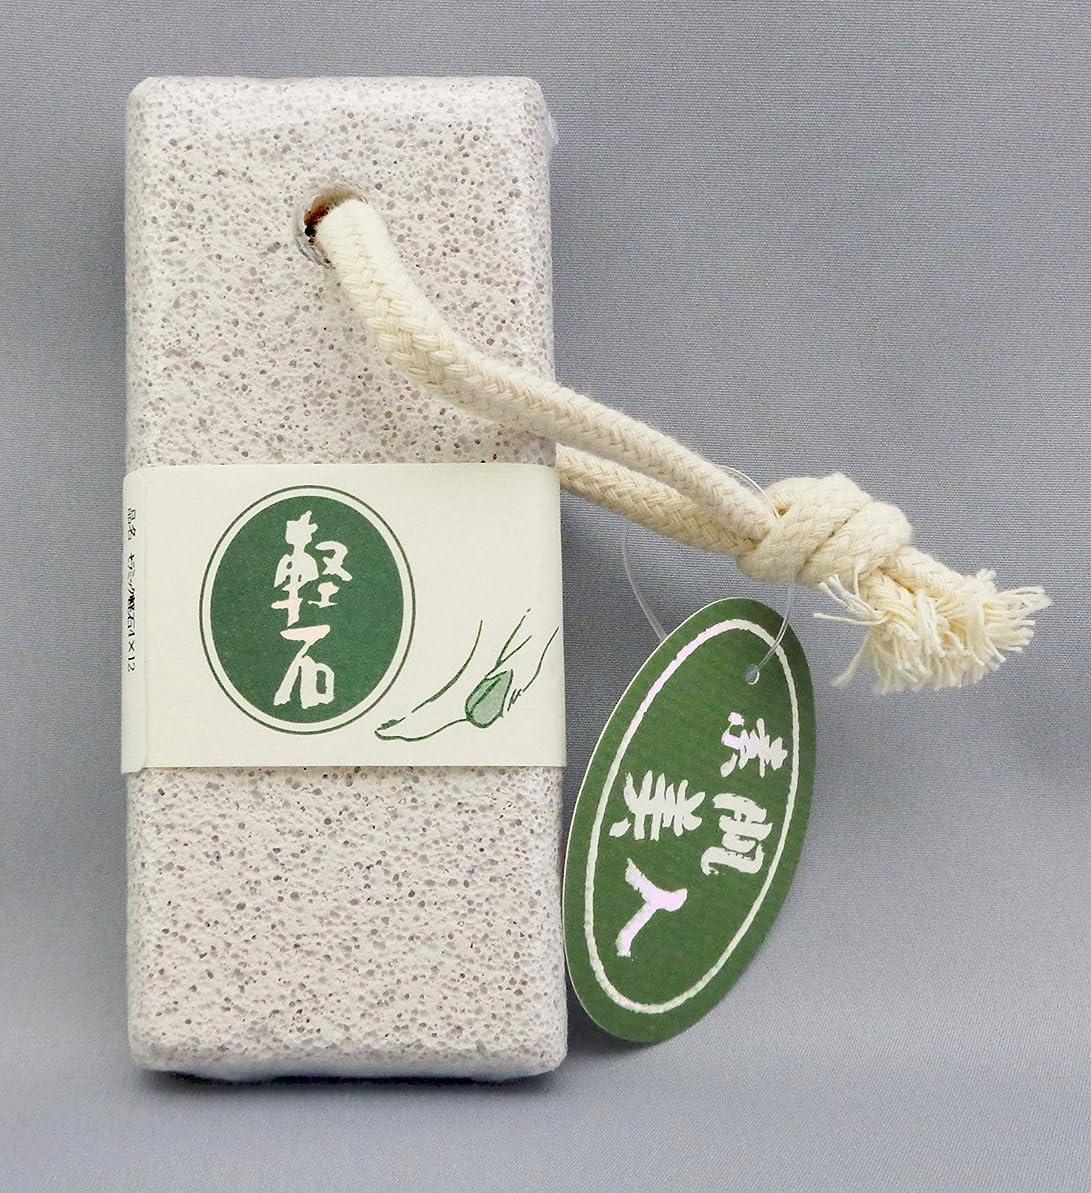 飽和する批判的にもろいシオザキ No.19 セラミック軽石 4x12 天然丸軽石 ヒモ付